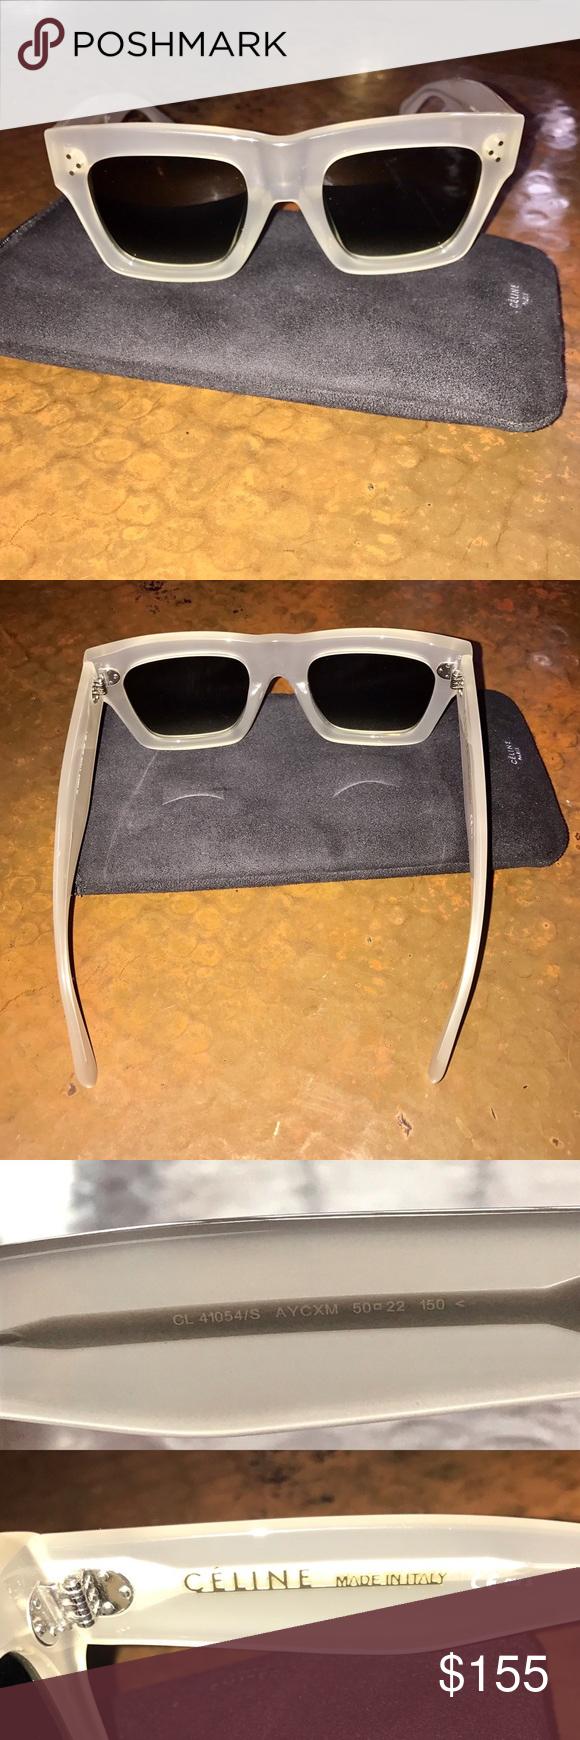 c4e170a091a Celine Sunglasses CL 41054 S Large Original AYC XM These authentic Celine  CL 41054